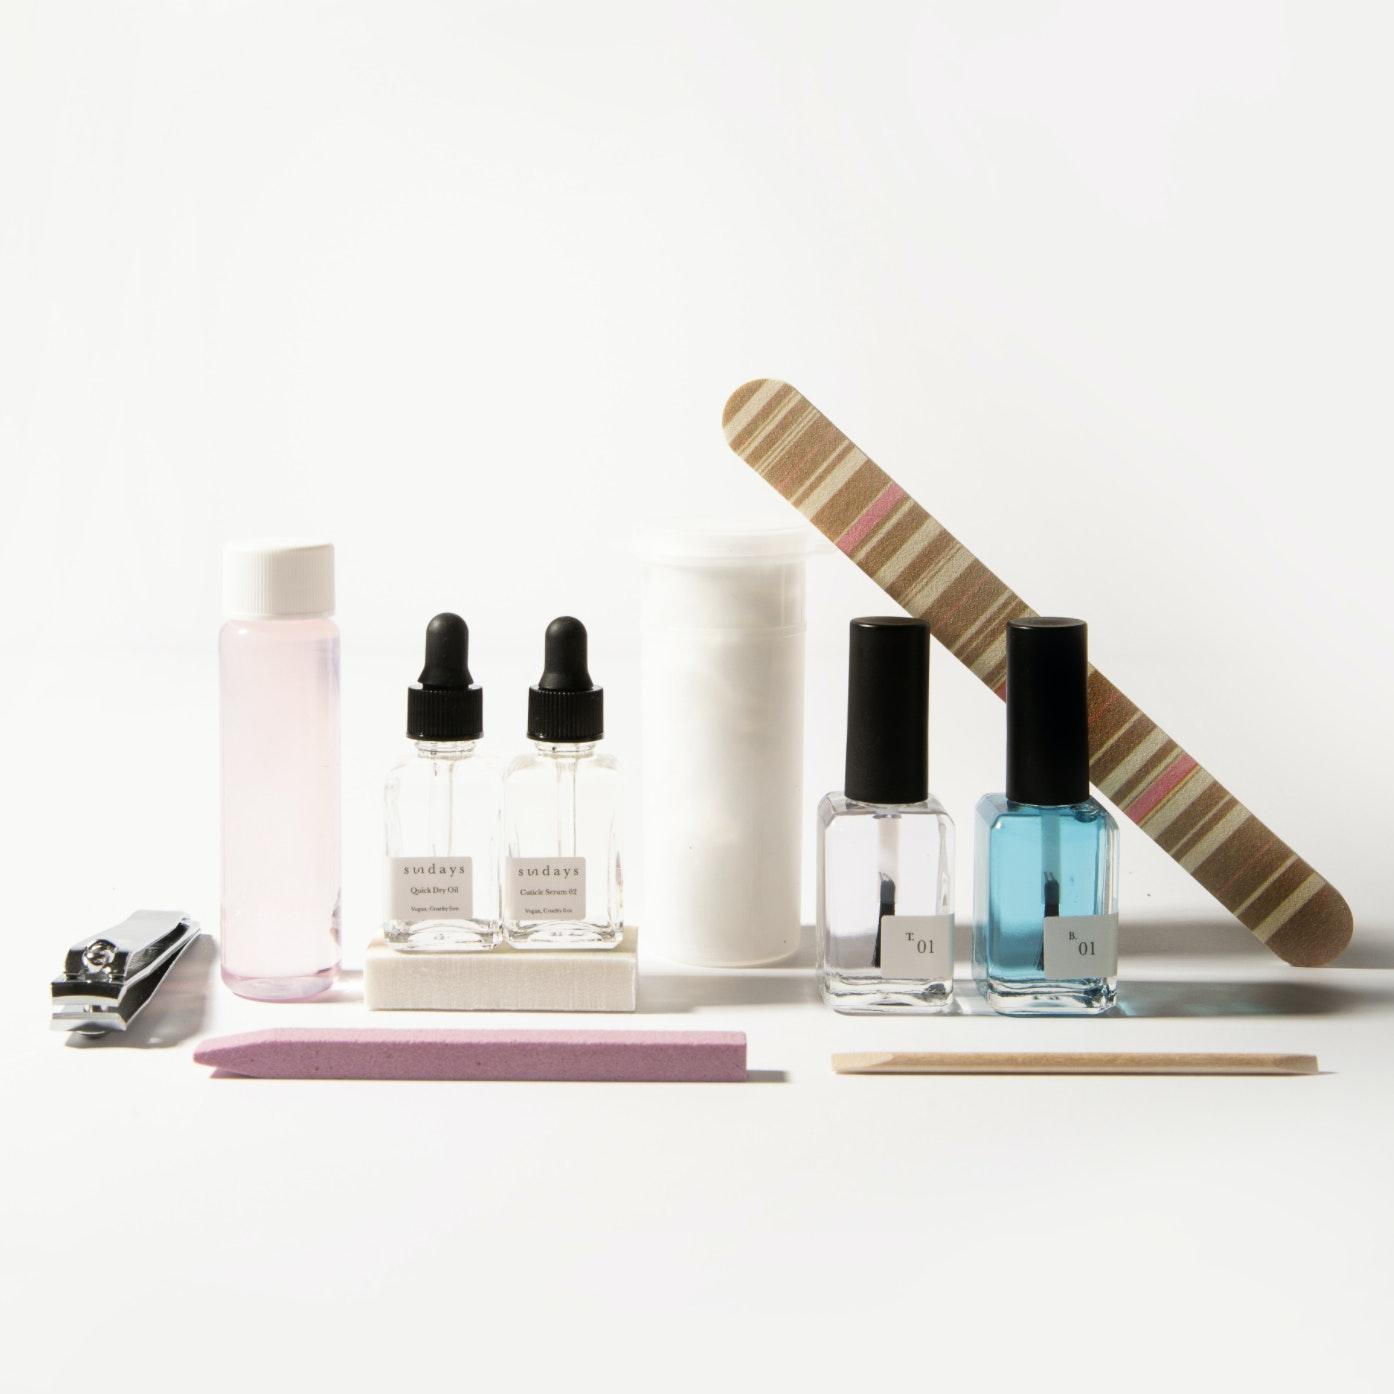 Sundays Studio℠ Manicure Kit